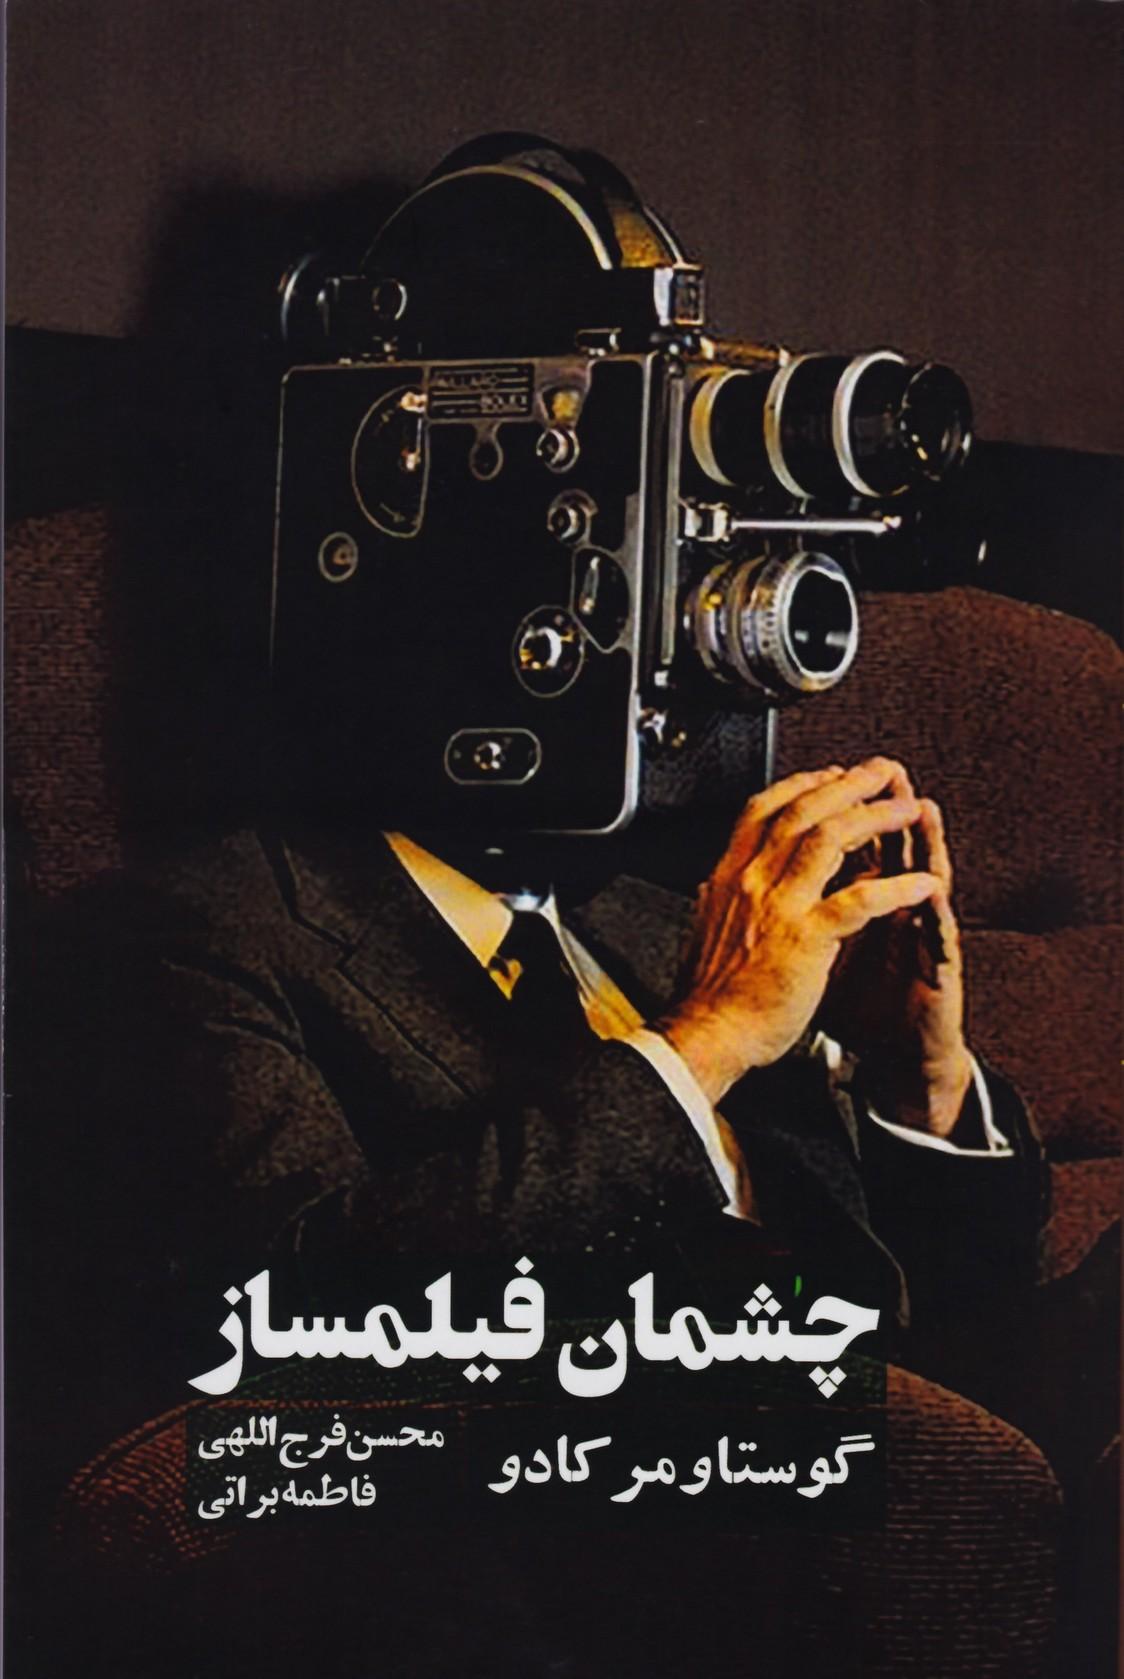 چشمان فیلمساز